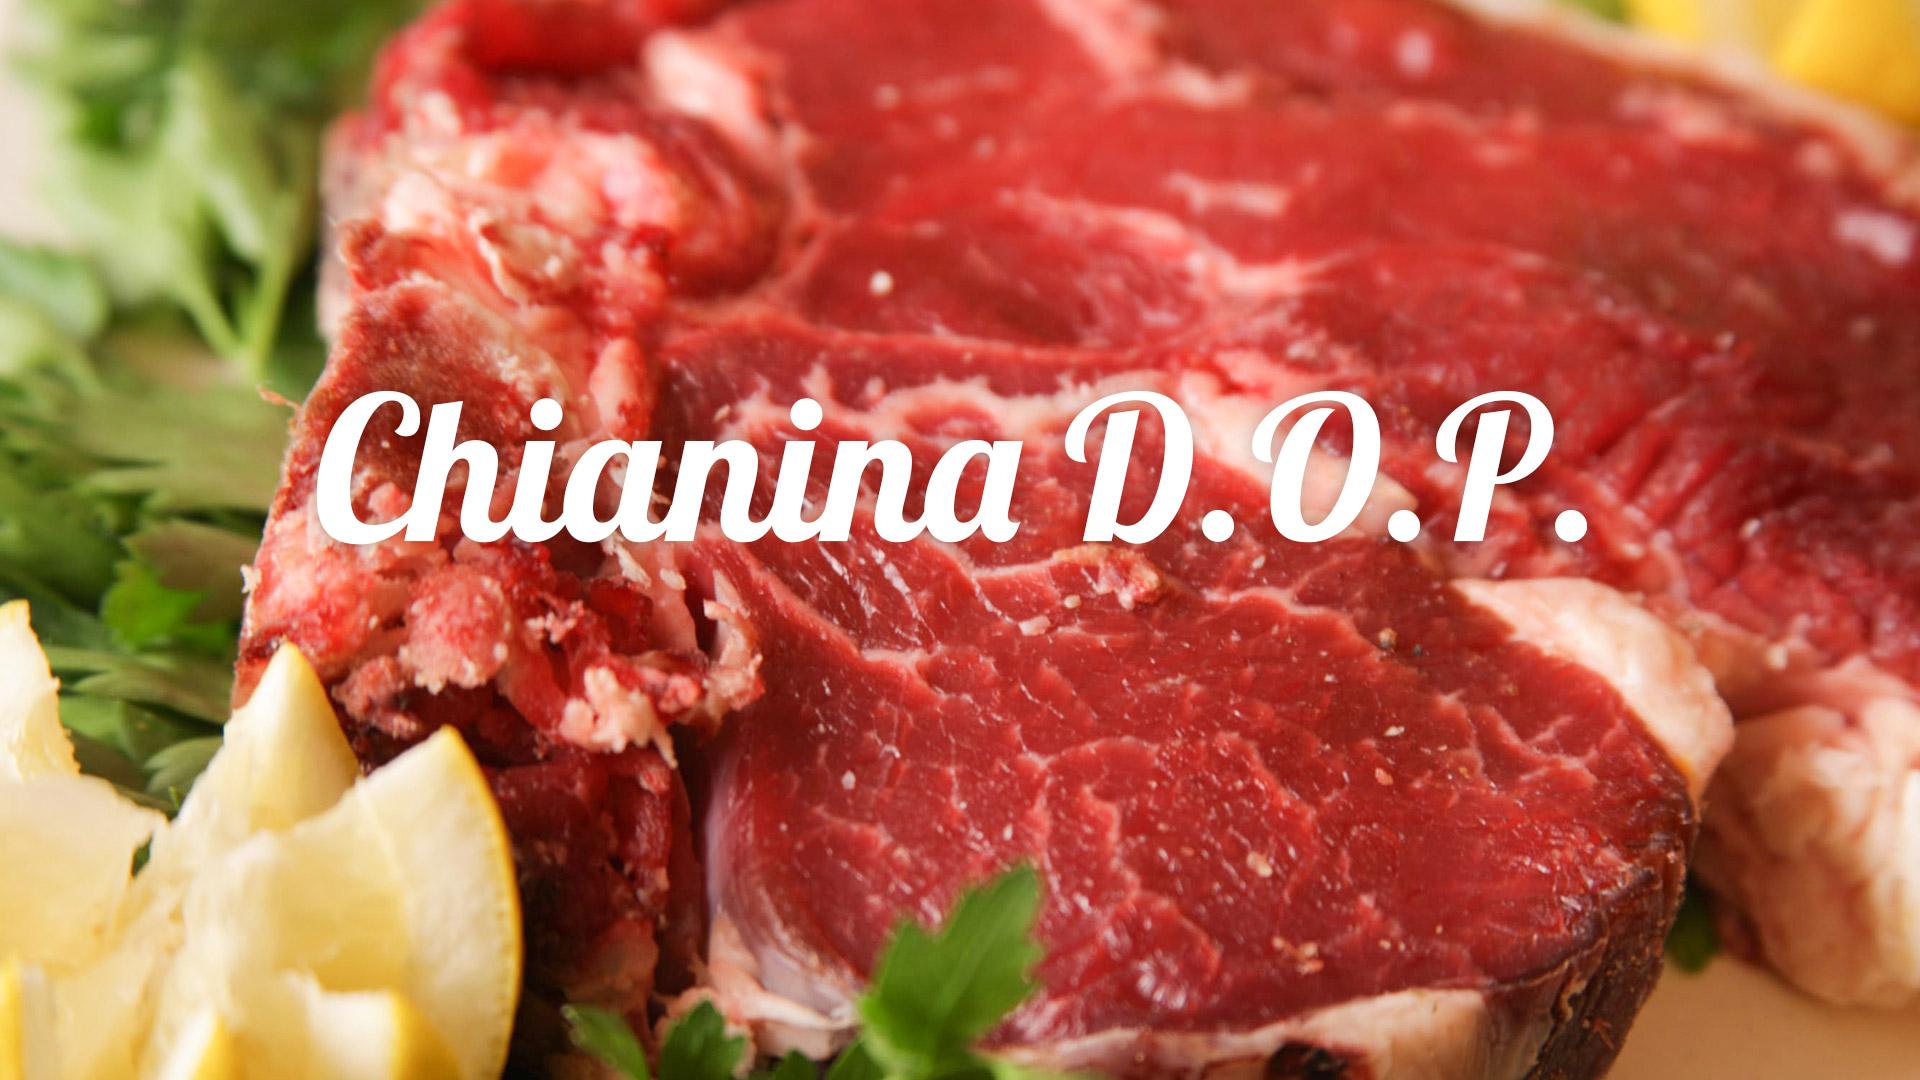 La cucina tipica toscana del Giglio Rosso: Chianina dop